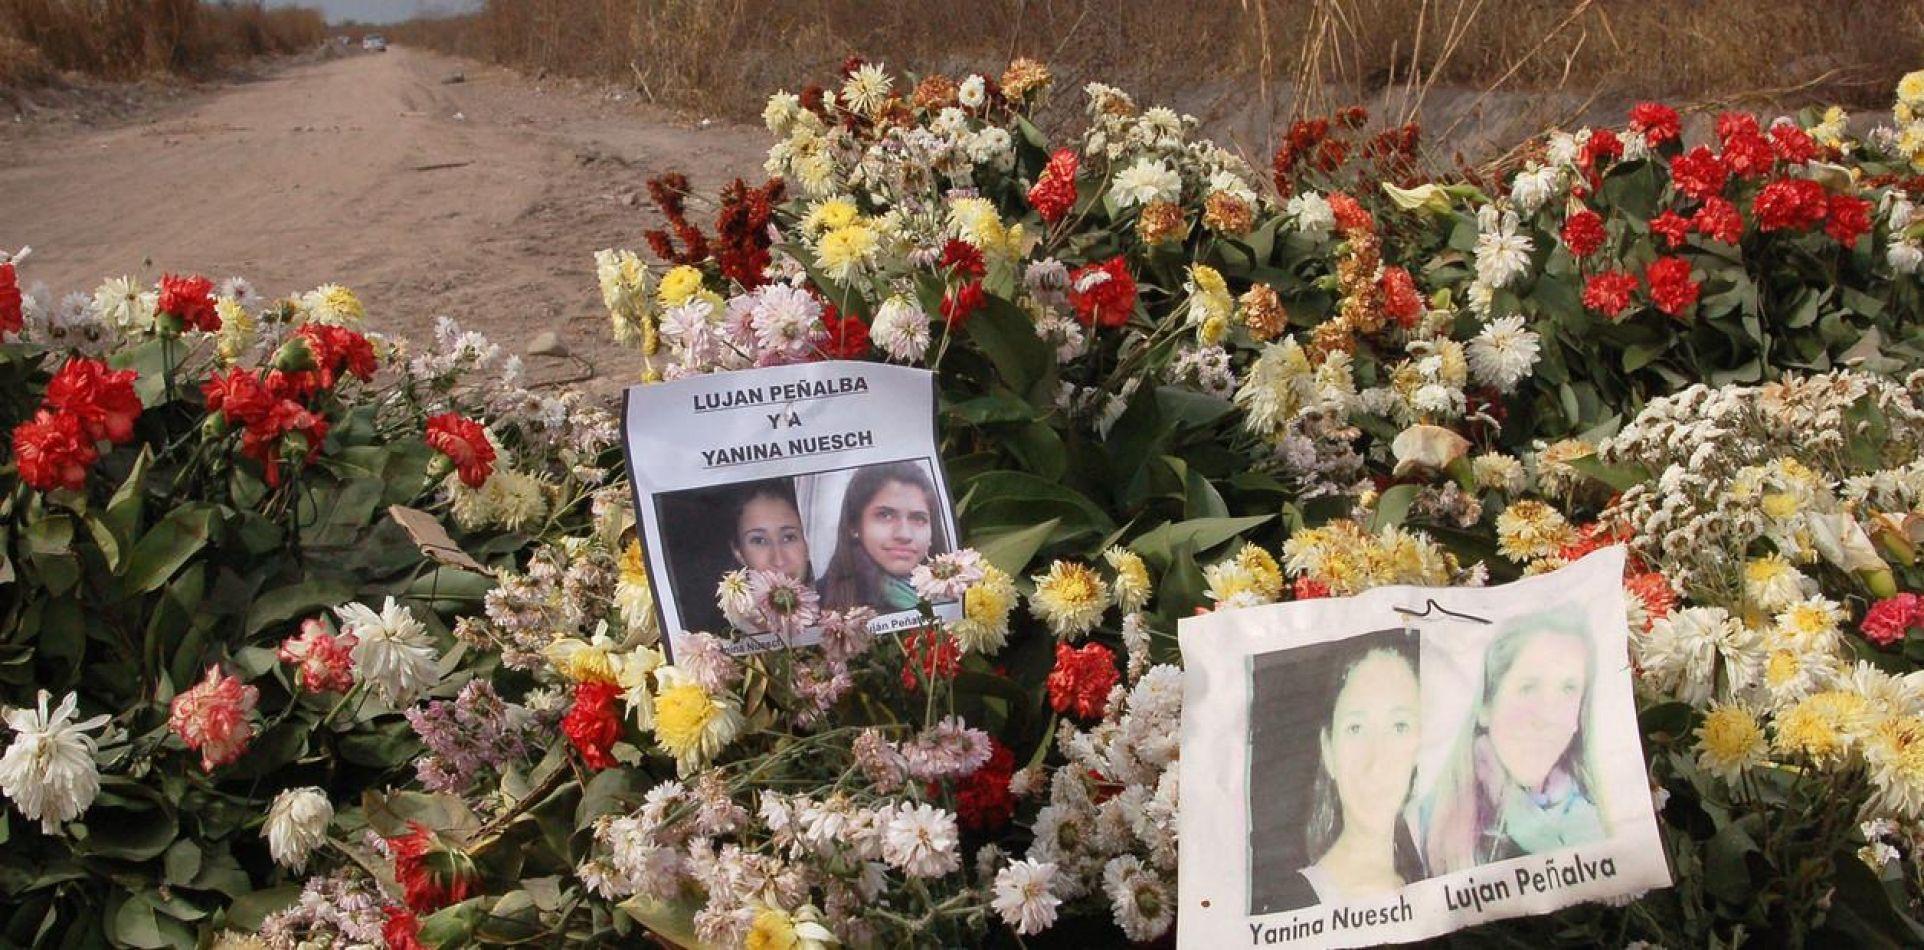 La familia Peñalva difundió imágenes de la reconstrucción de las muertes de Yanina y Luján